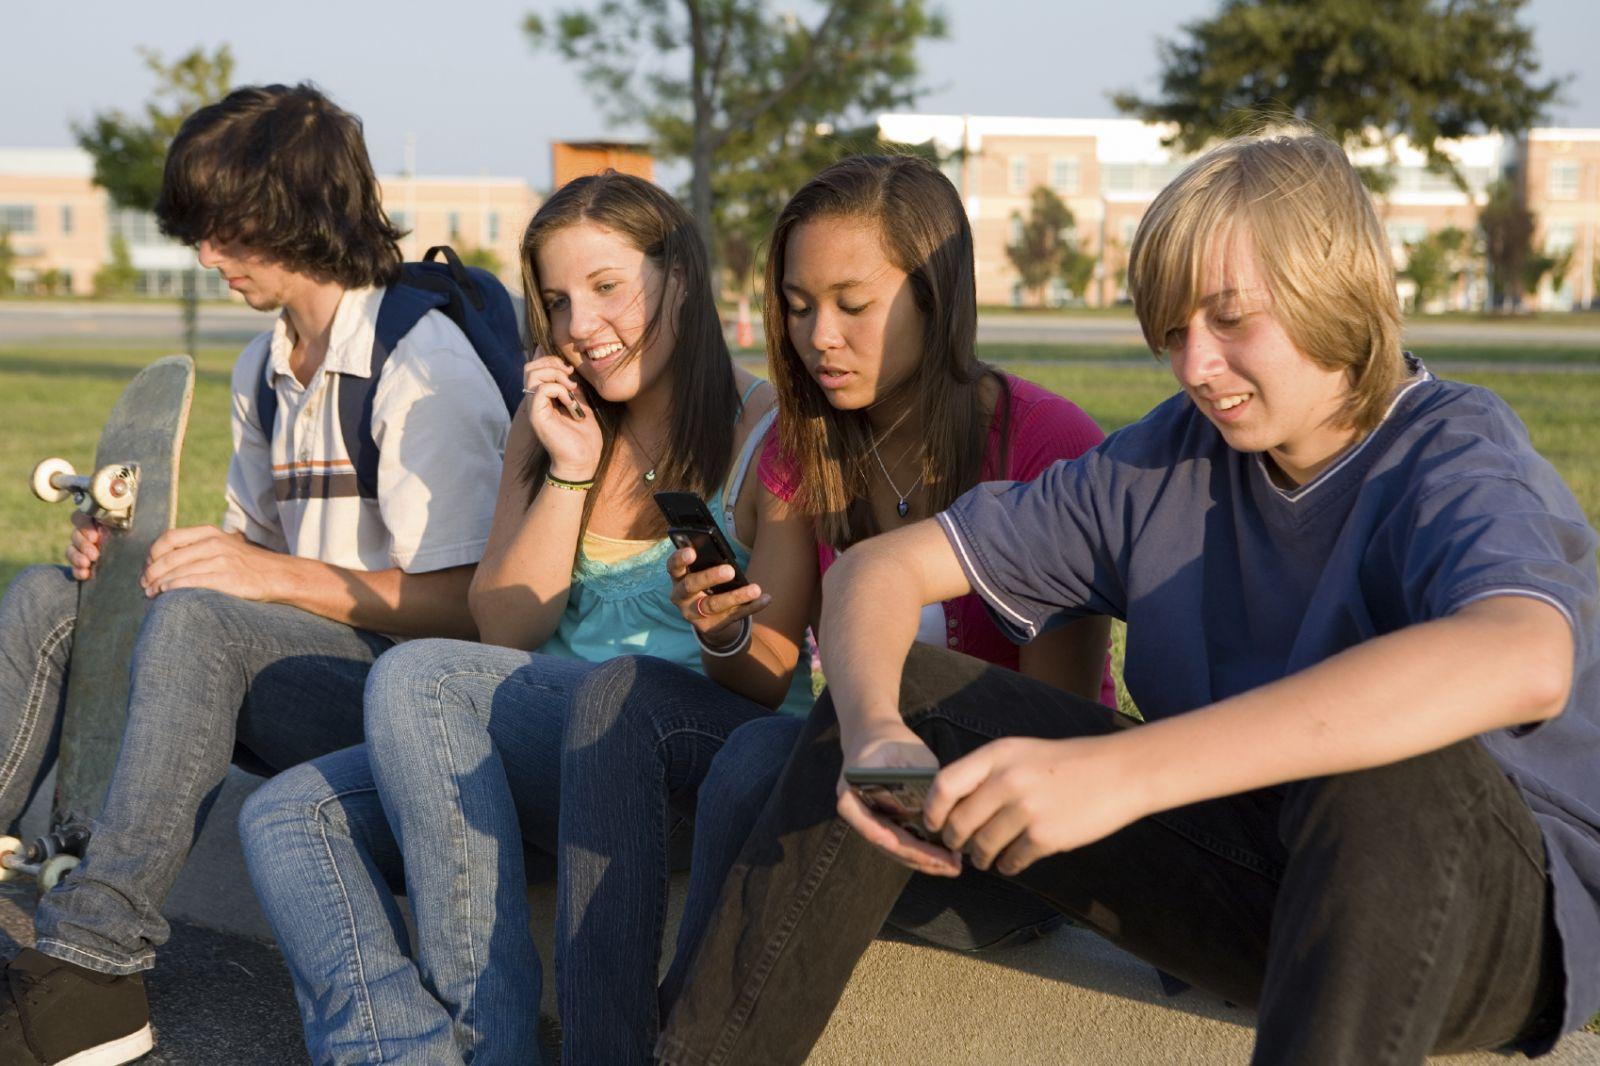 rebellious teen programs